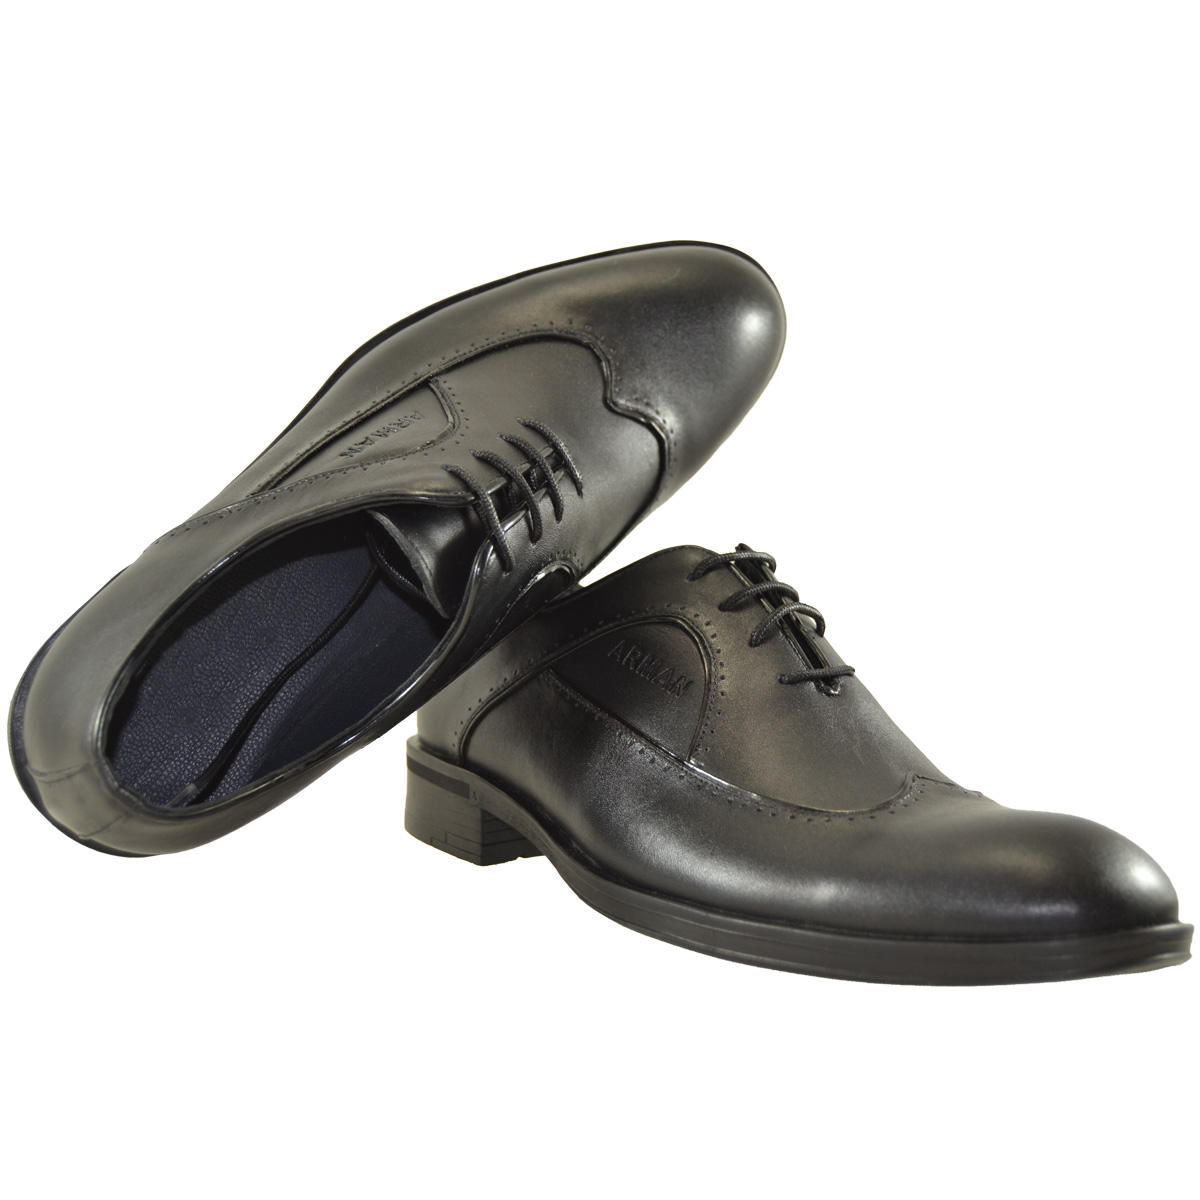 کفش مردانه کد 231 -  - 2